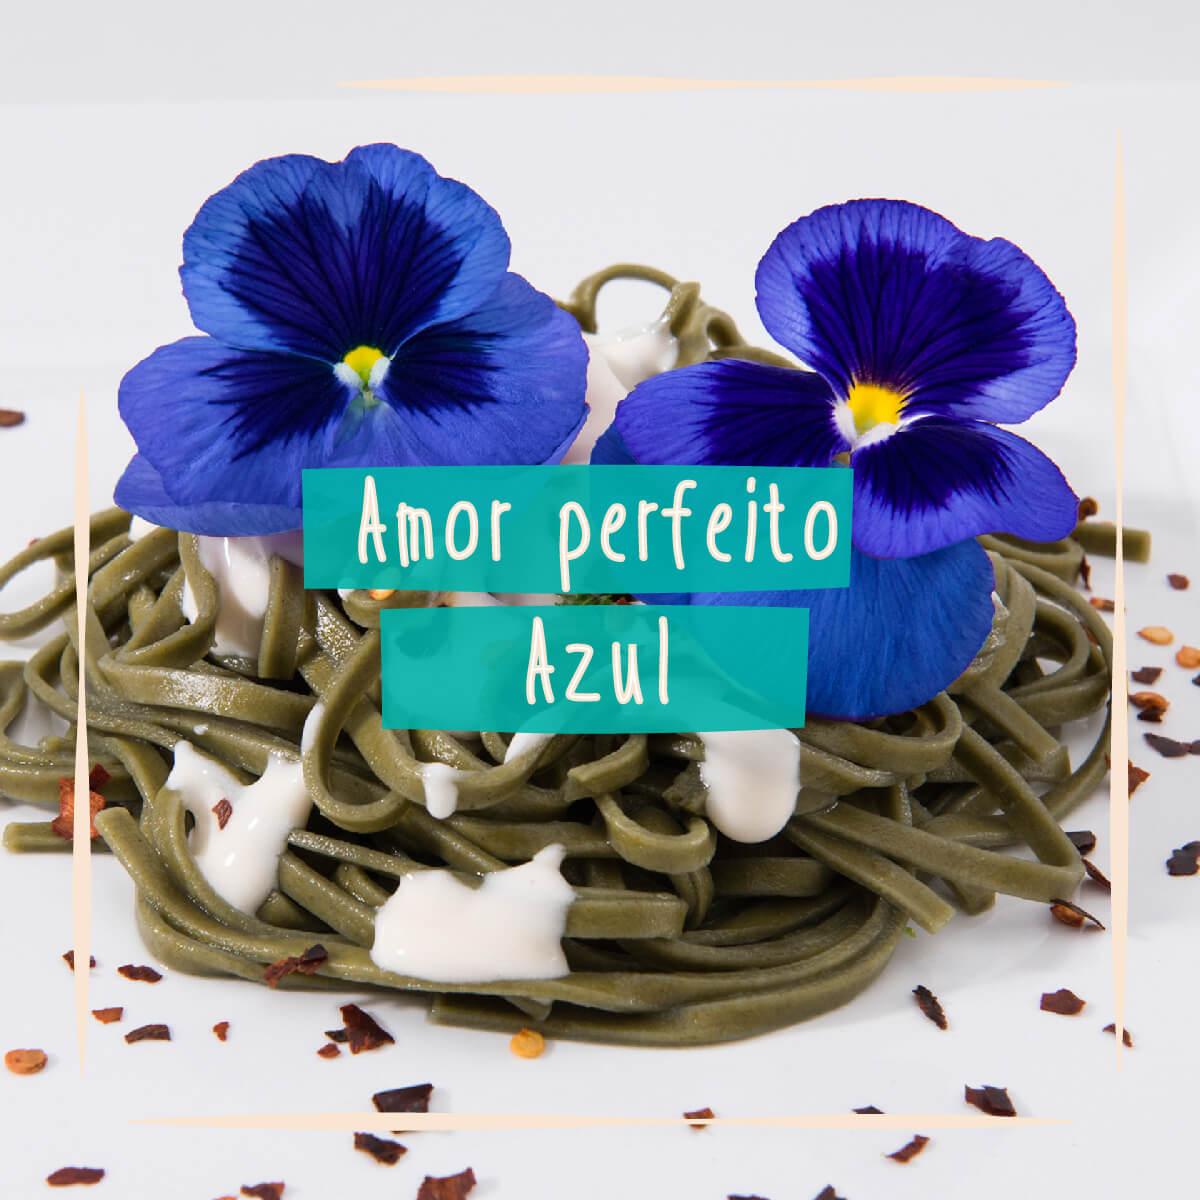 Sementes para plantar Amor Perfeito Azul Gigante Comestível  - Vasos Raiz Loja Oficial